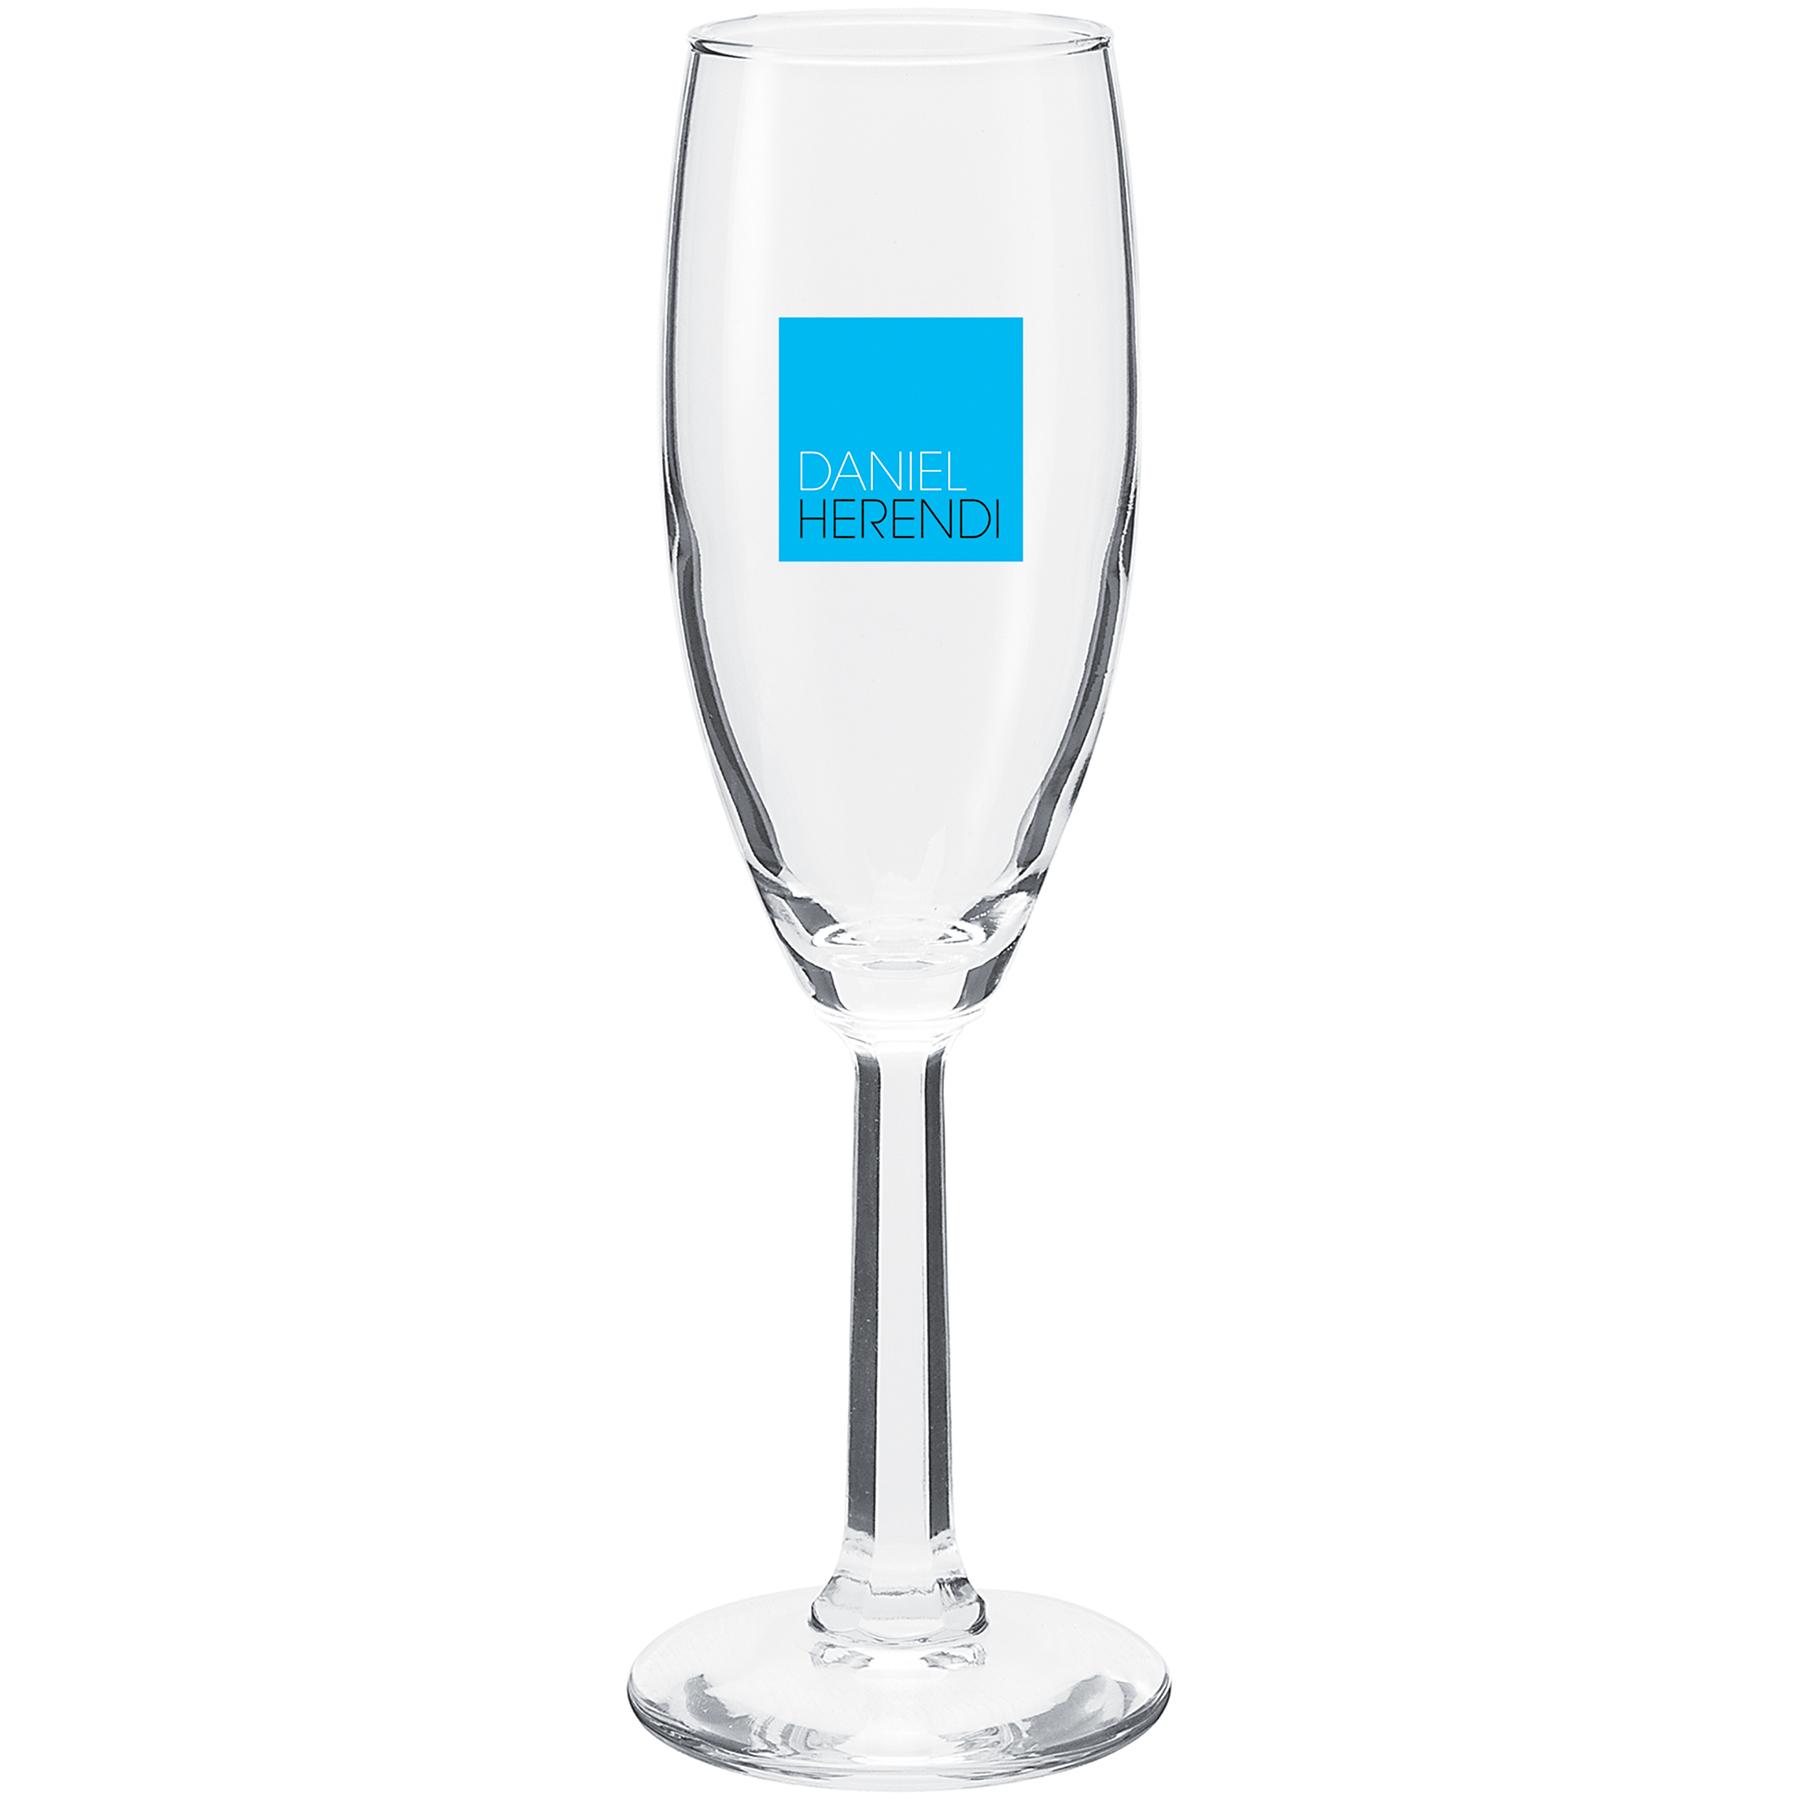 5.75 Oz Napa Flute Glass